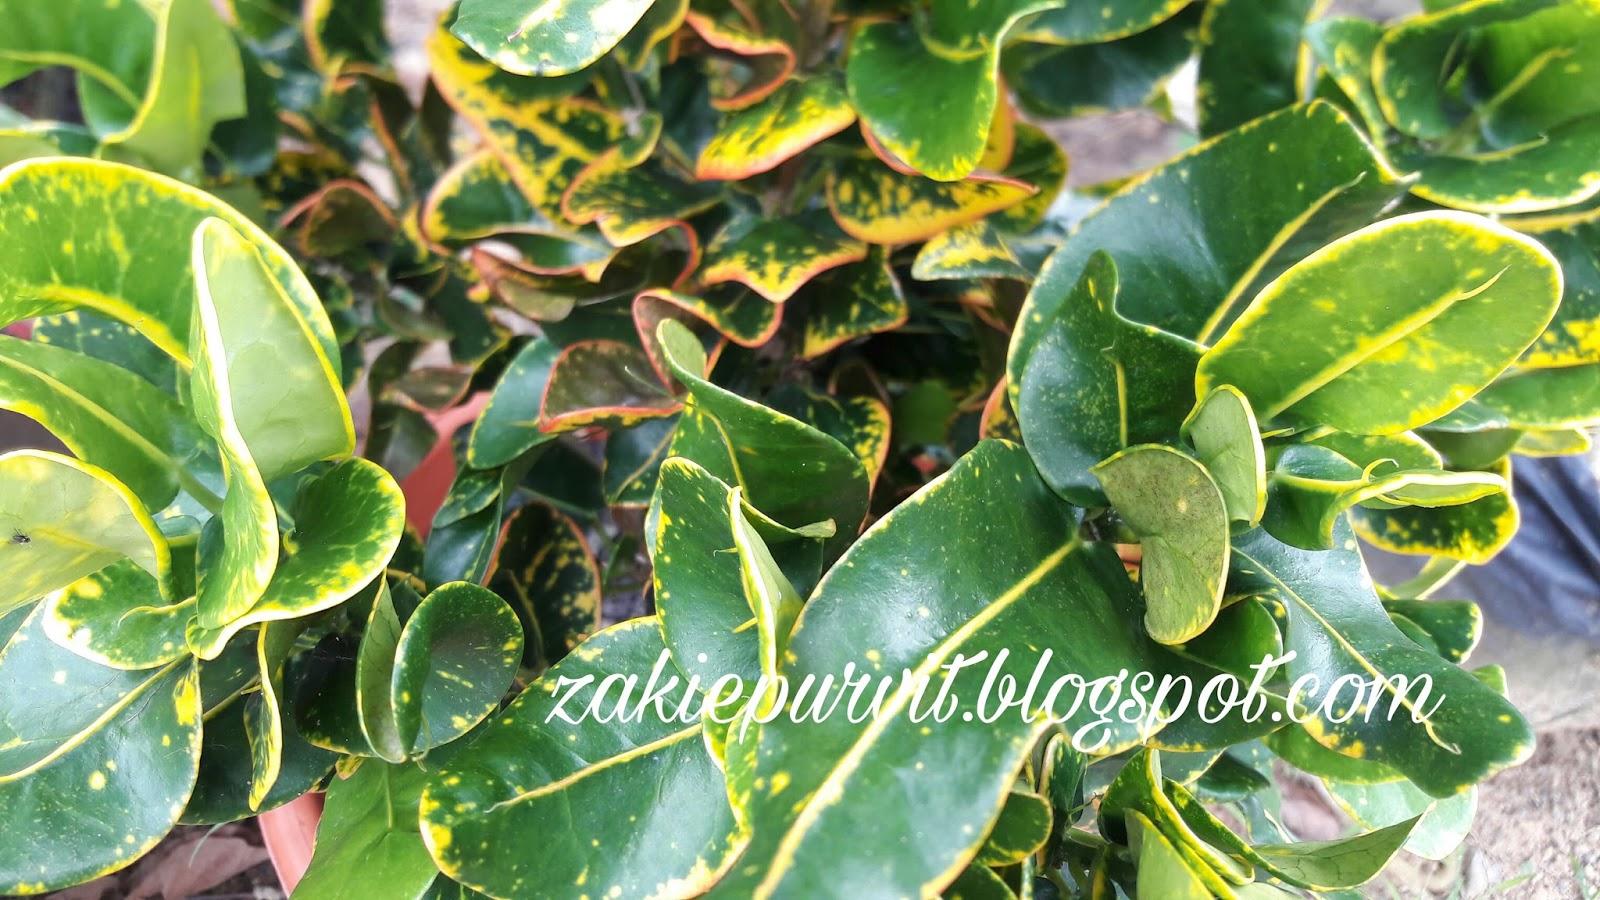 titisan nurani hijau kuning dedaun